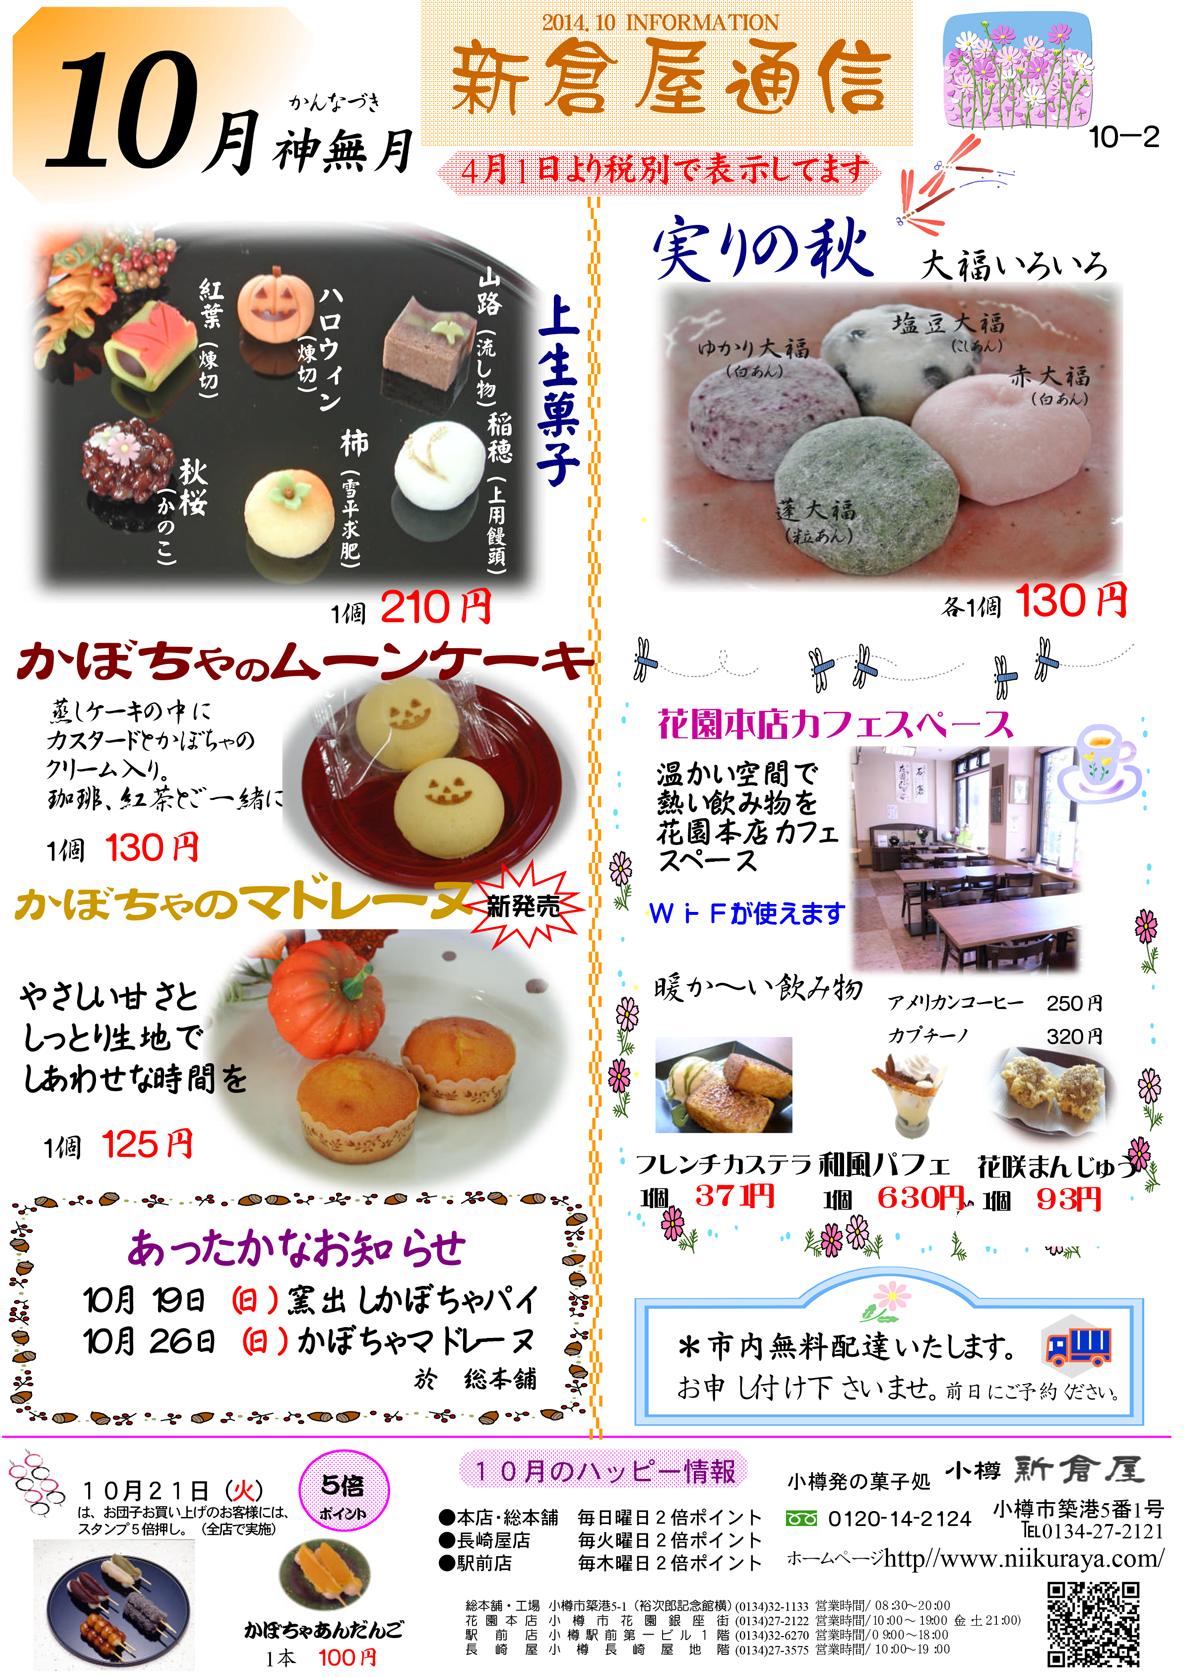 小樽 新倉屋通信2014年10月2号